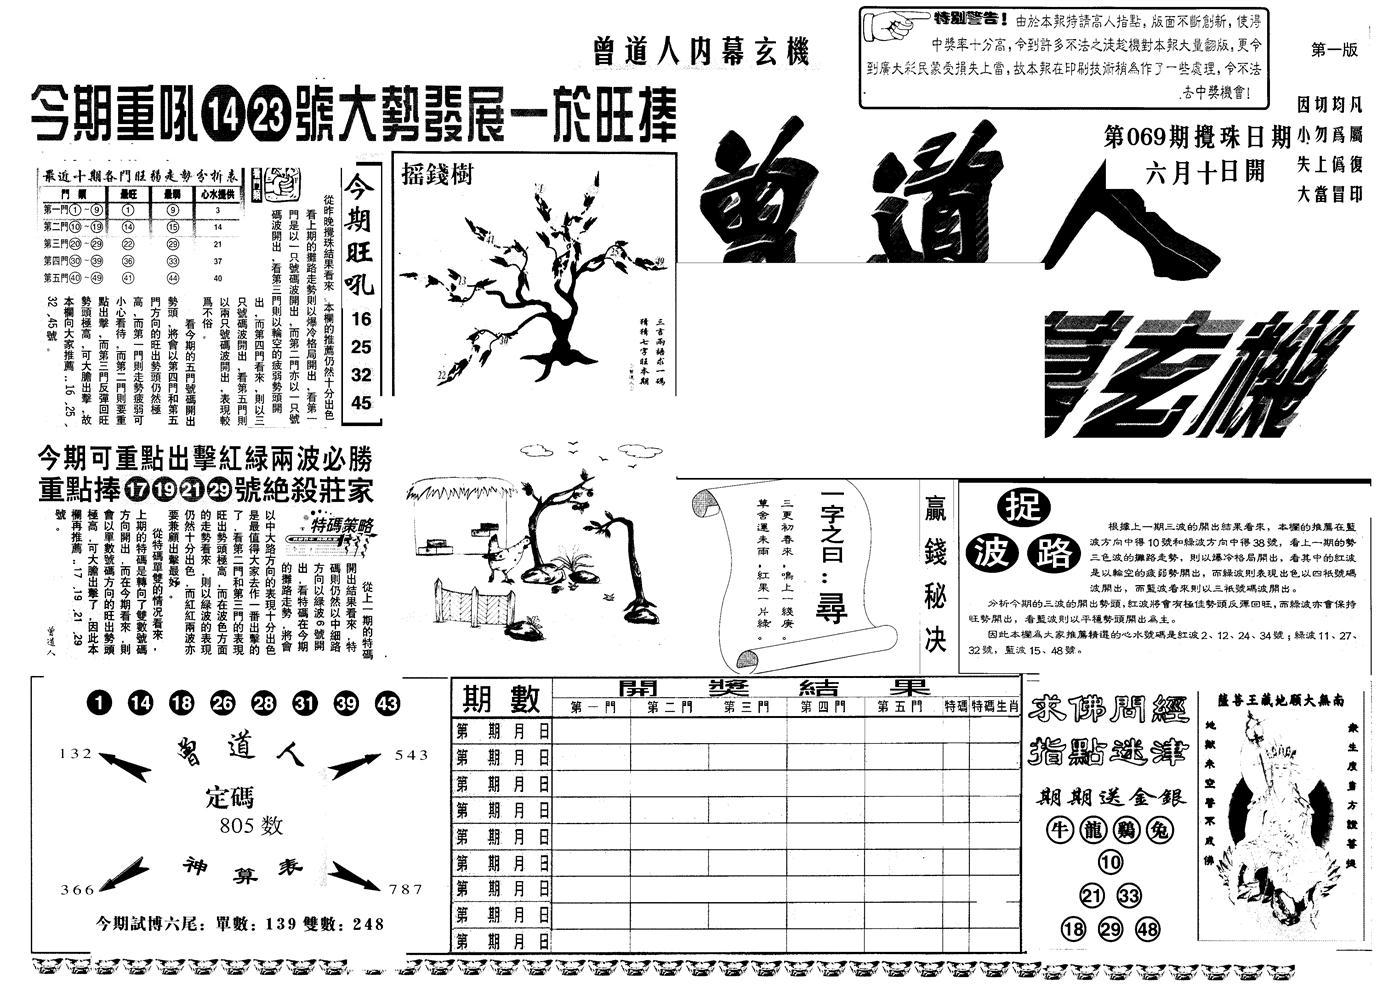 069期另版曾内幕A(黑白)